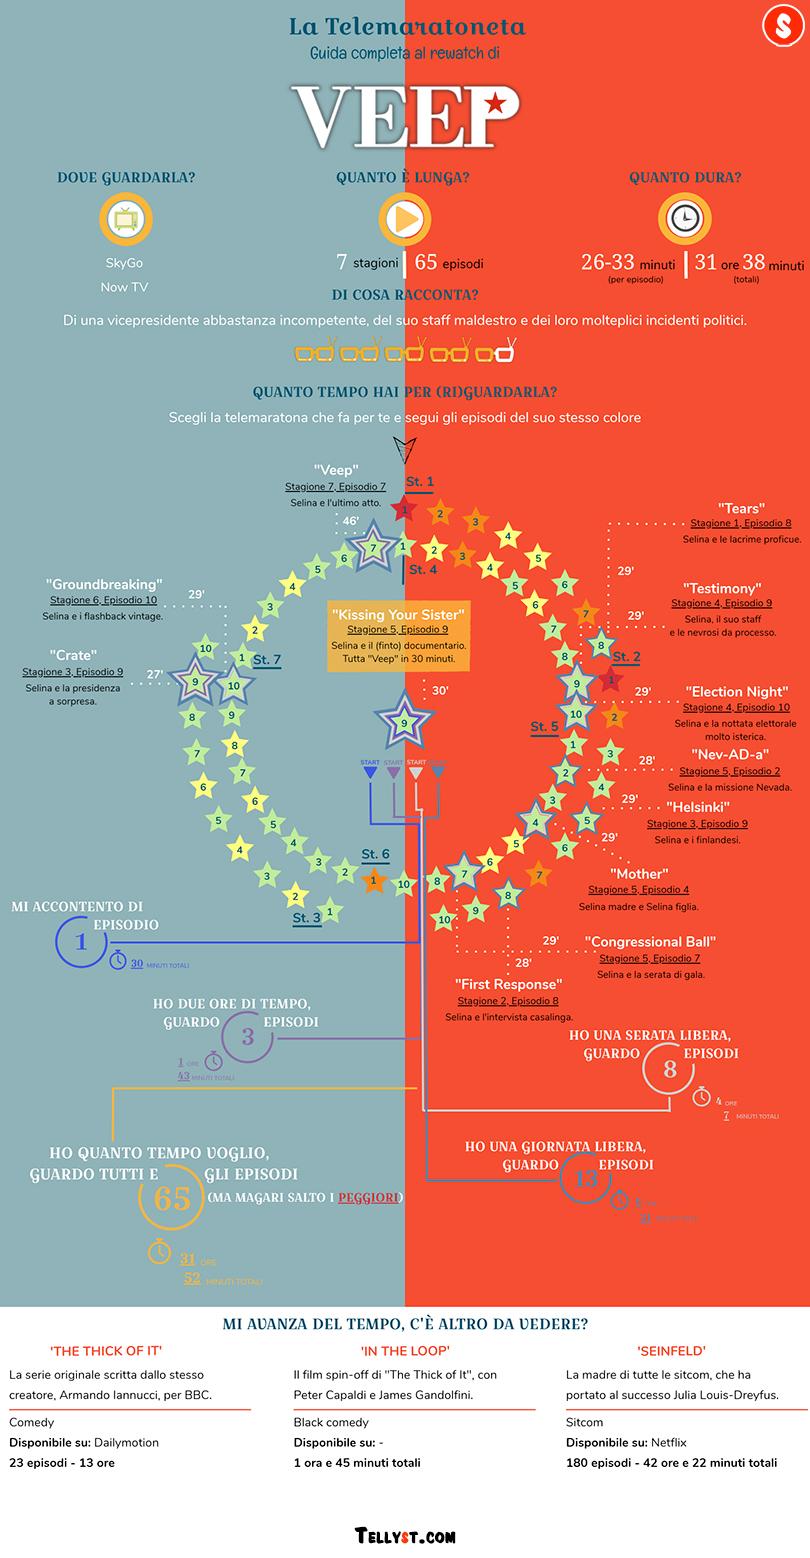 Veep guida episodi migliori infografica